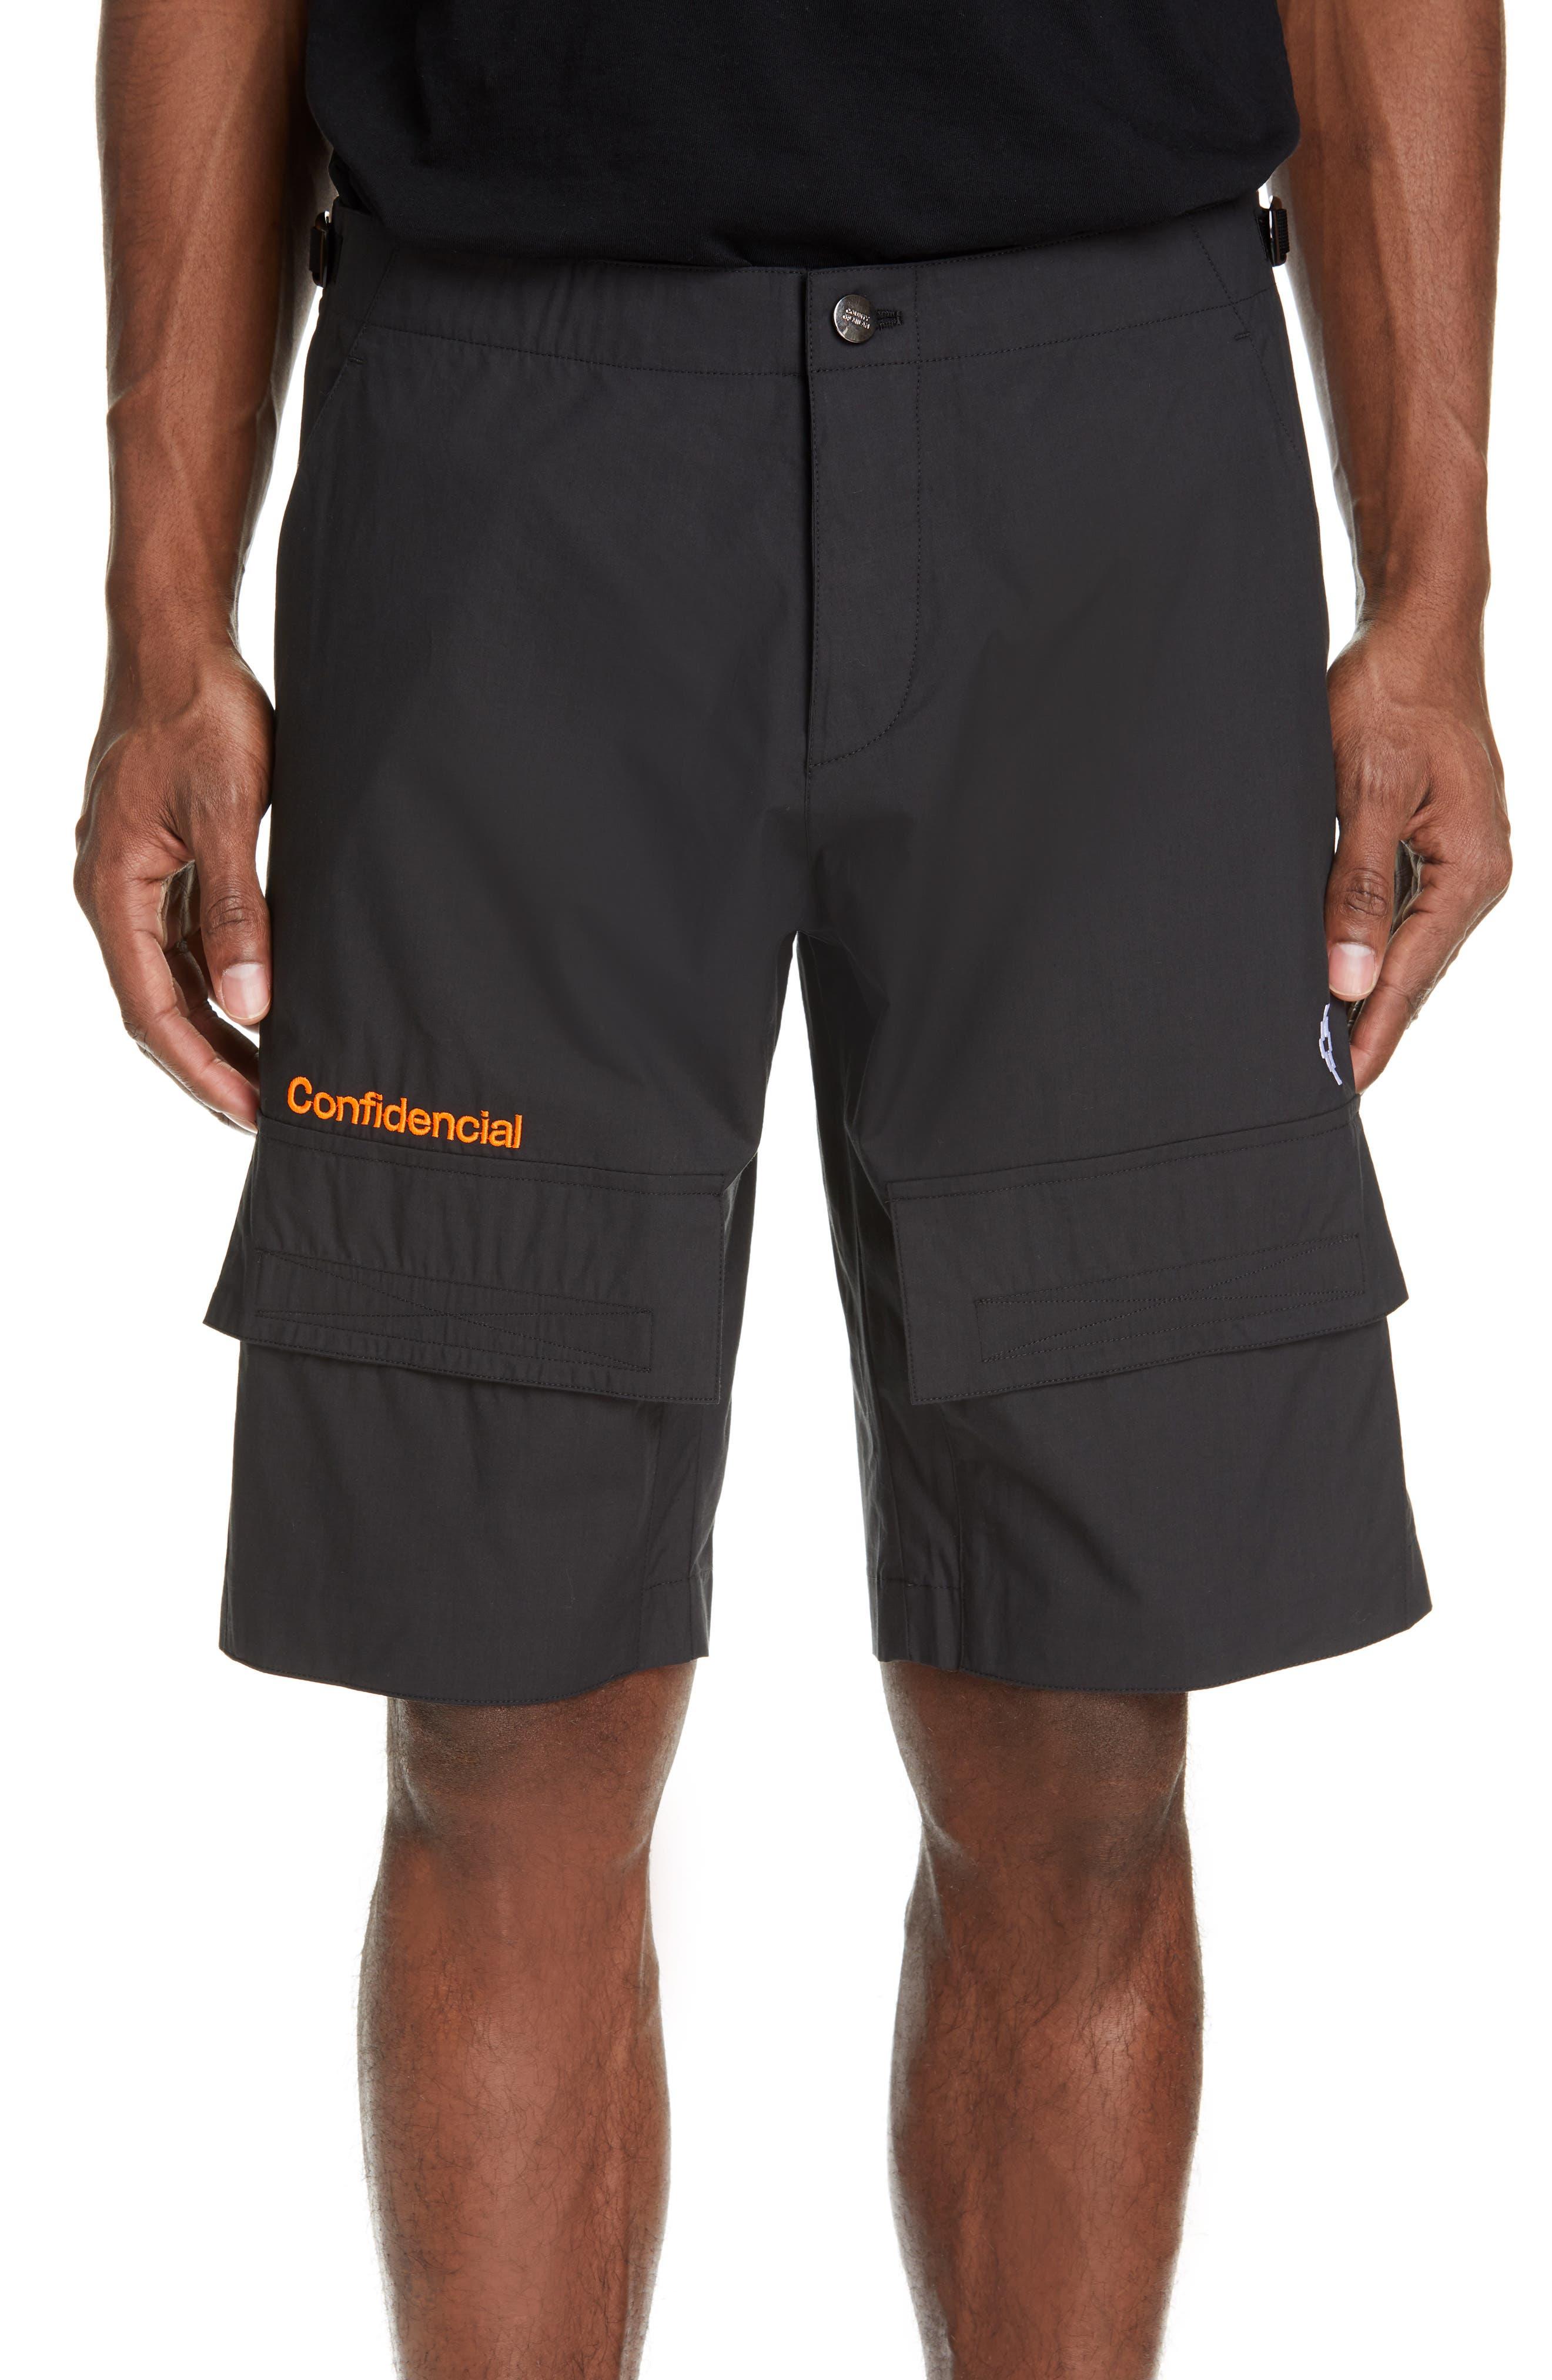 Marcelo Burlon Confidencial Embroidered Cargo Shorts, Black